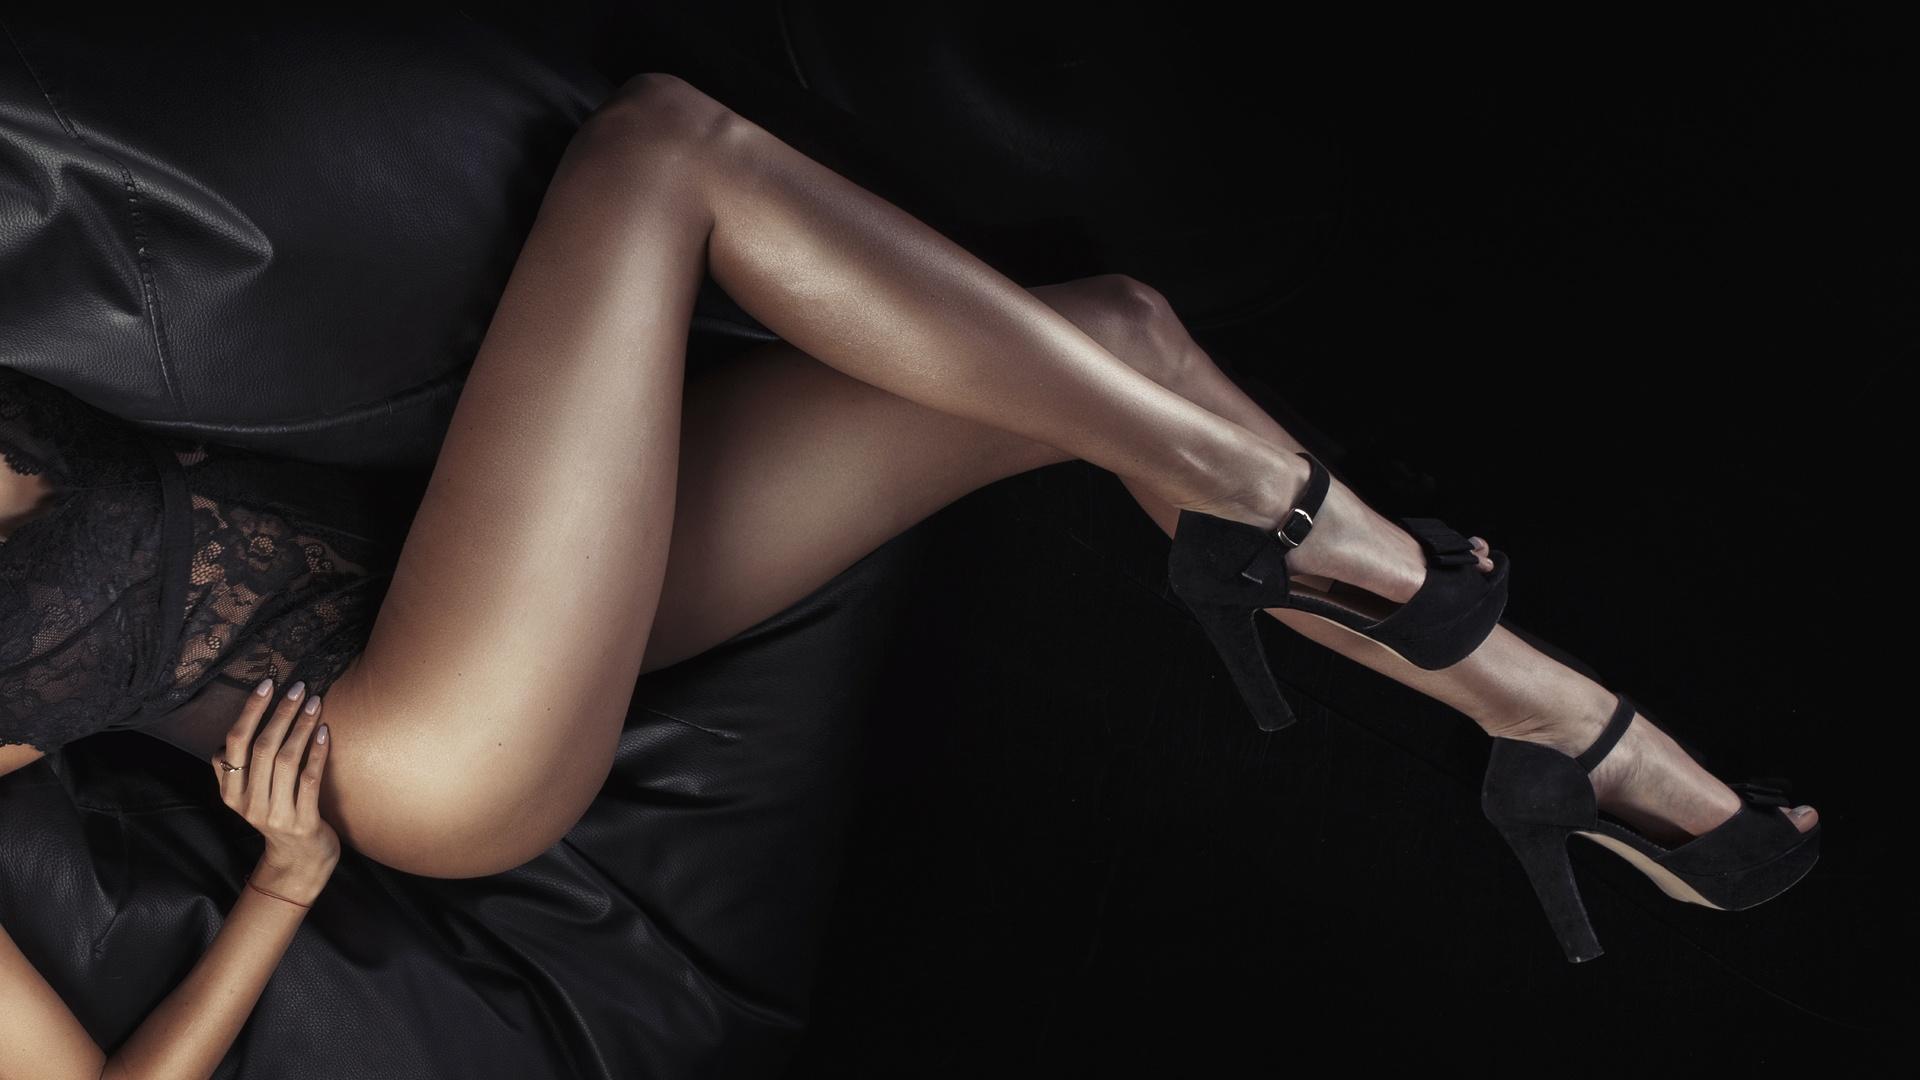 ухабина другой, красивые ножки девушек смотреть слайды почитаем